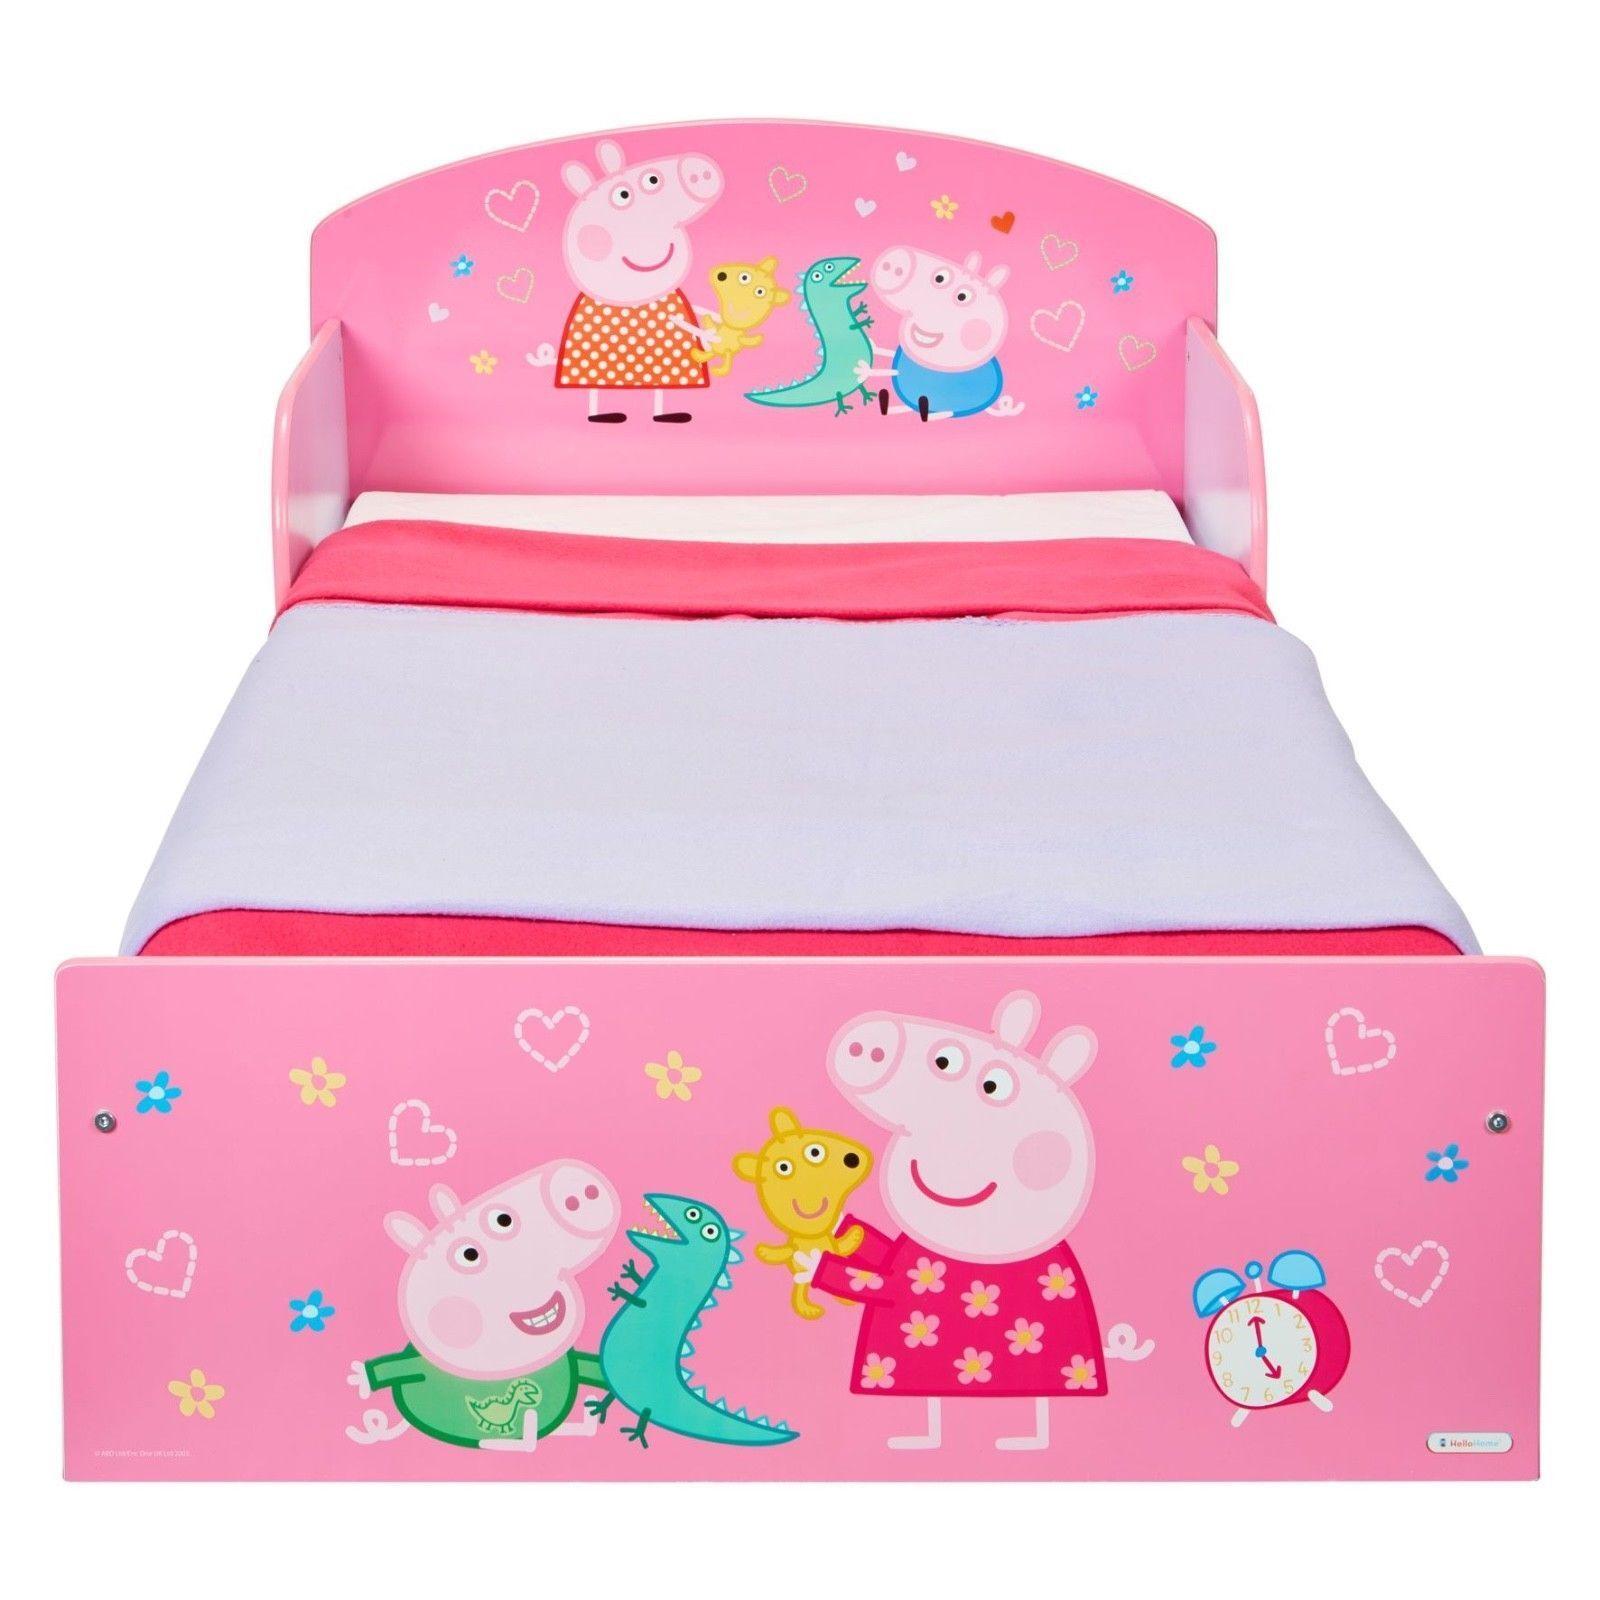 Peppa Pig Wutz Bett 70x140 Kinderbett Babybett Mädchen Jungen Möbel Kinderzimmer